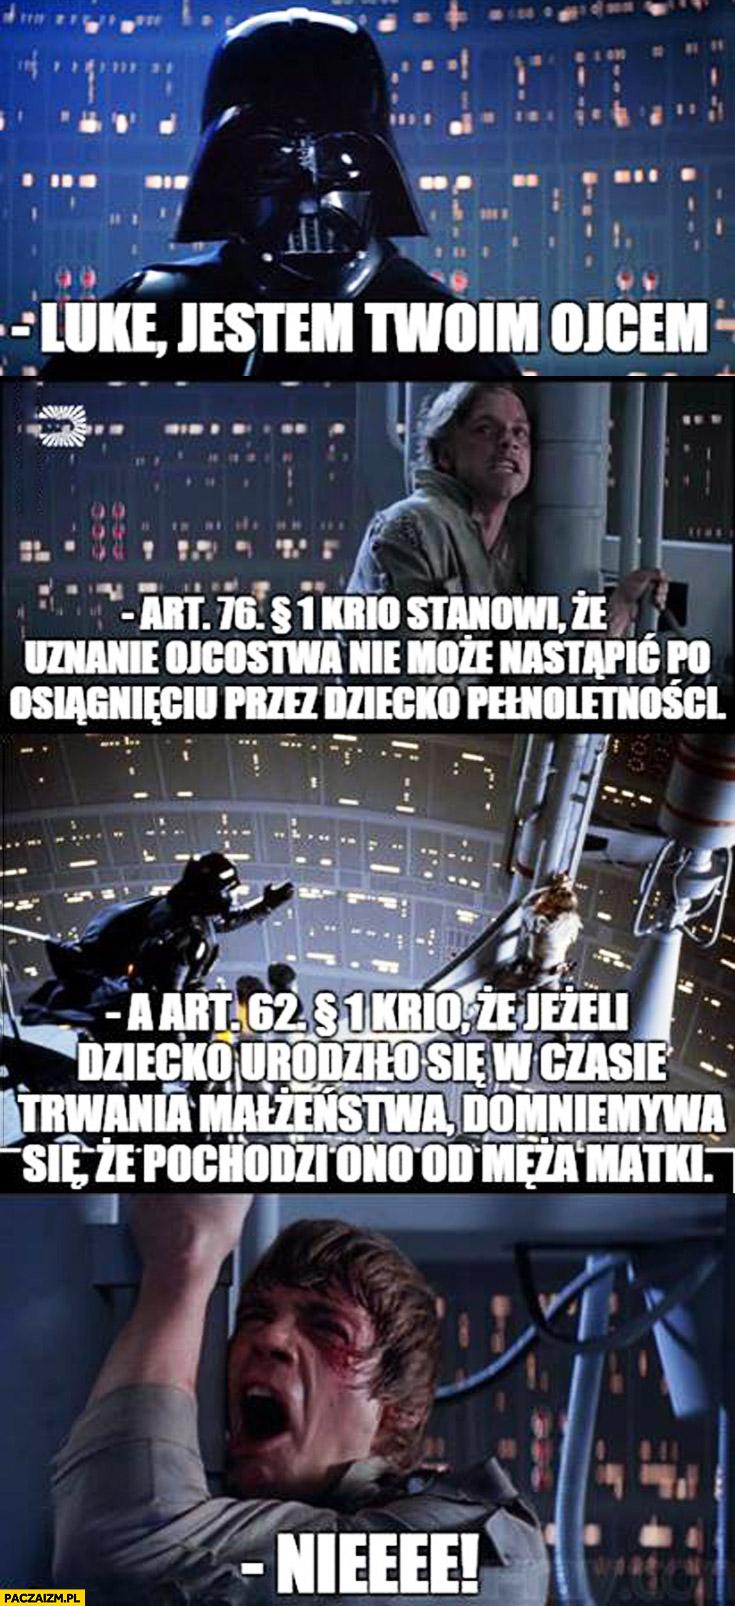 Luke jestem Twoim ojcem przepisy prawne Skywalker Vader Star Wars